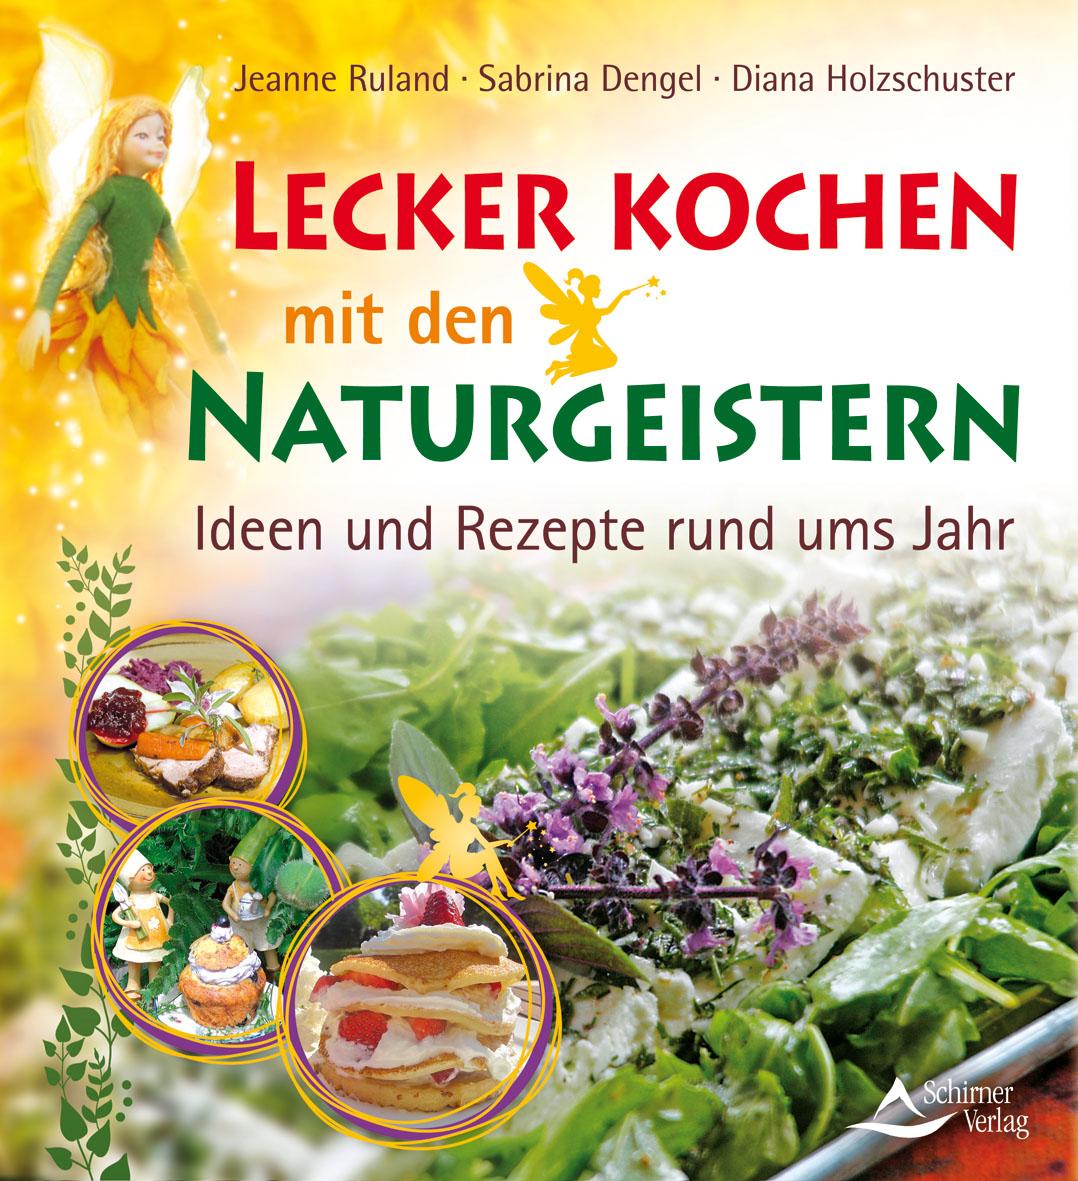 Lecker kochen mit den Naturgeistern Jeanne Ruland